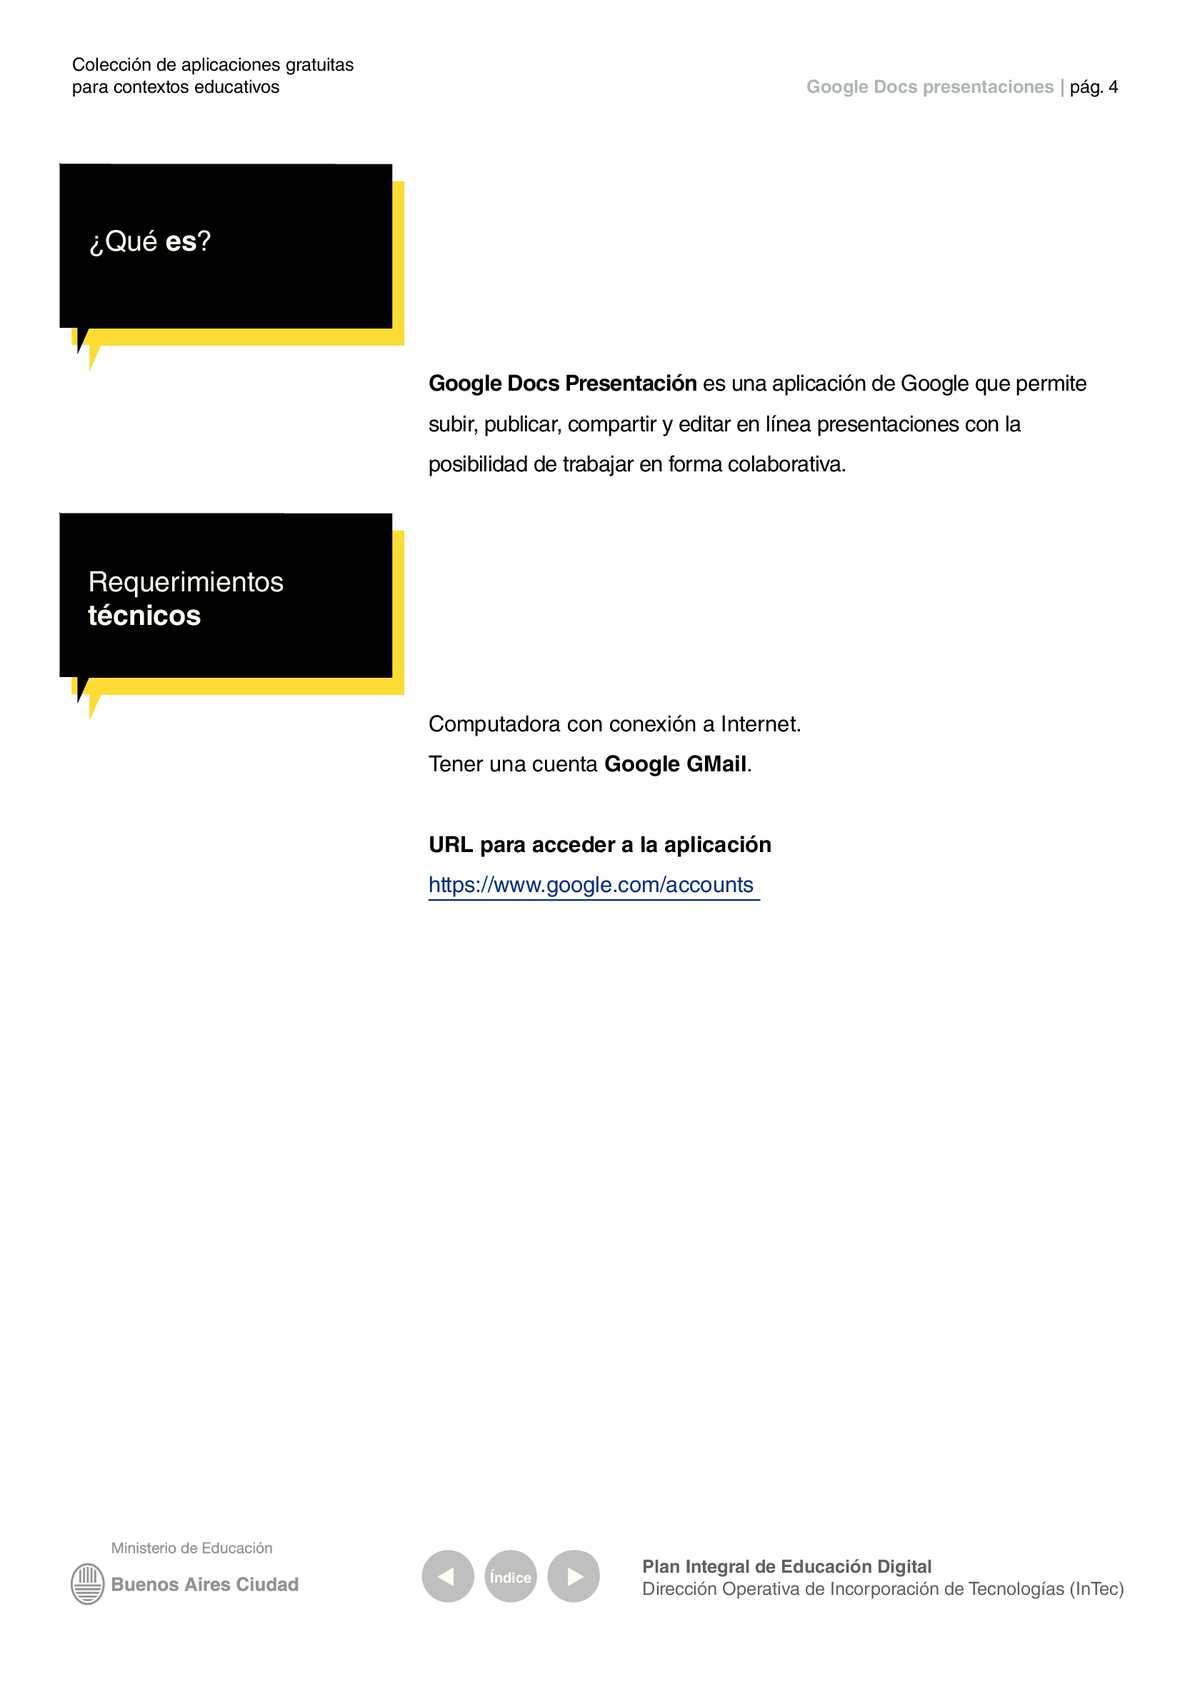 tutorial google docs presentaciones calameo downloader